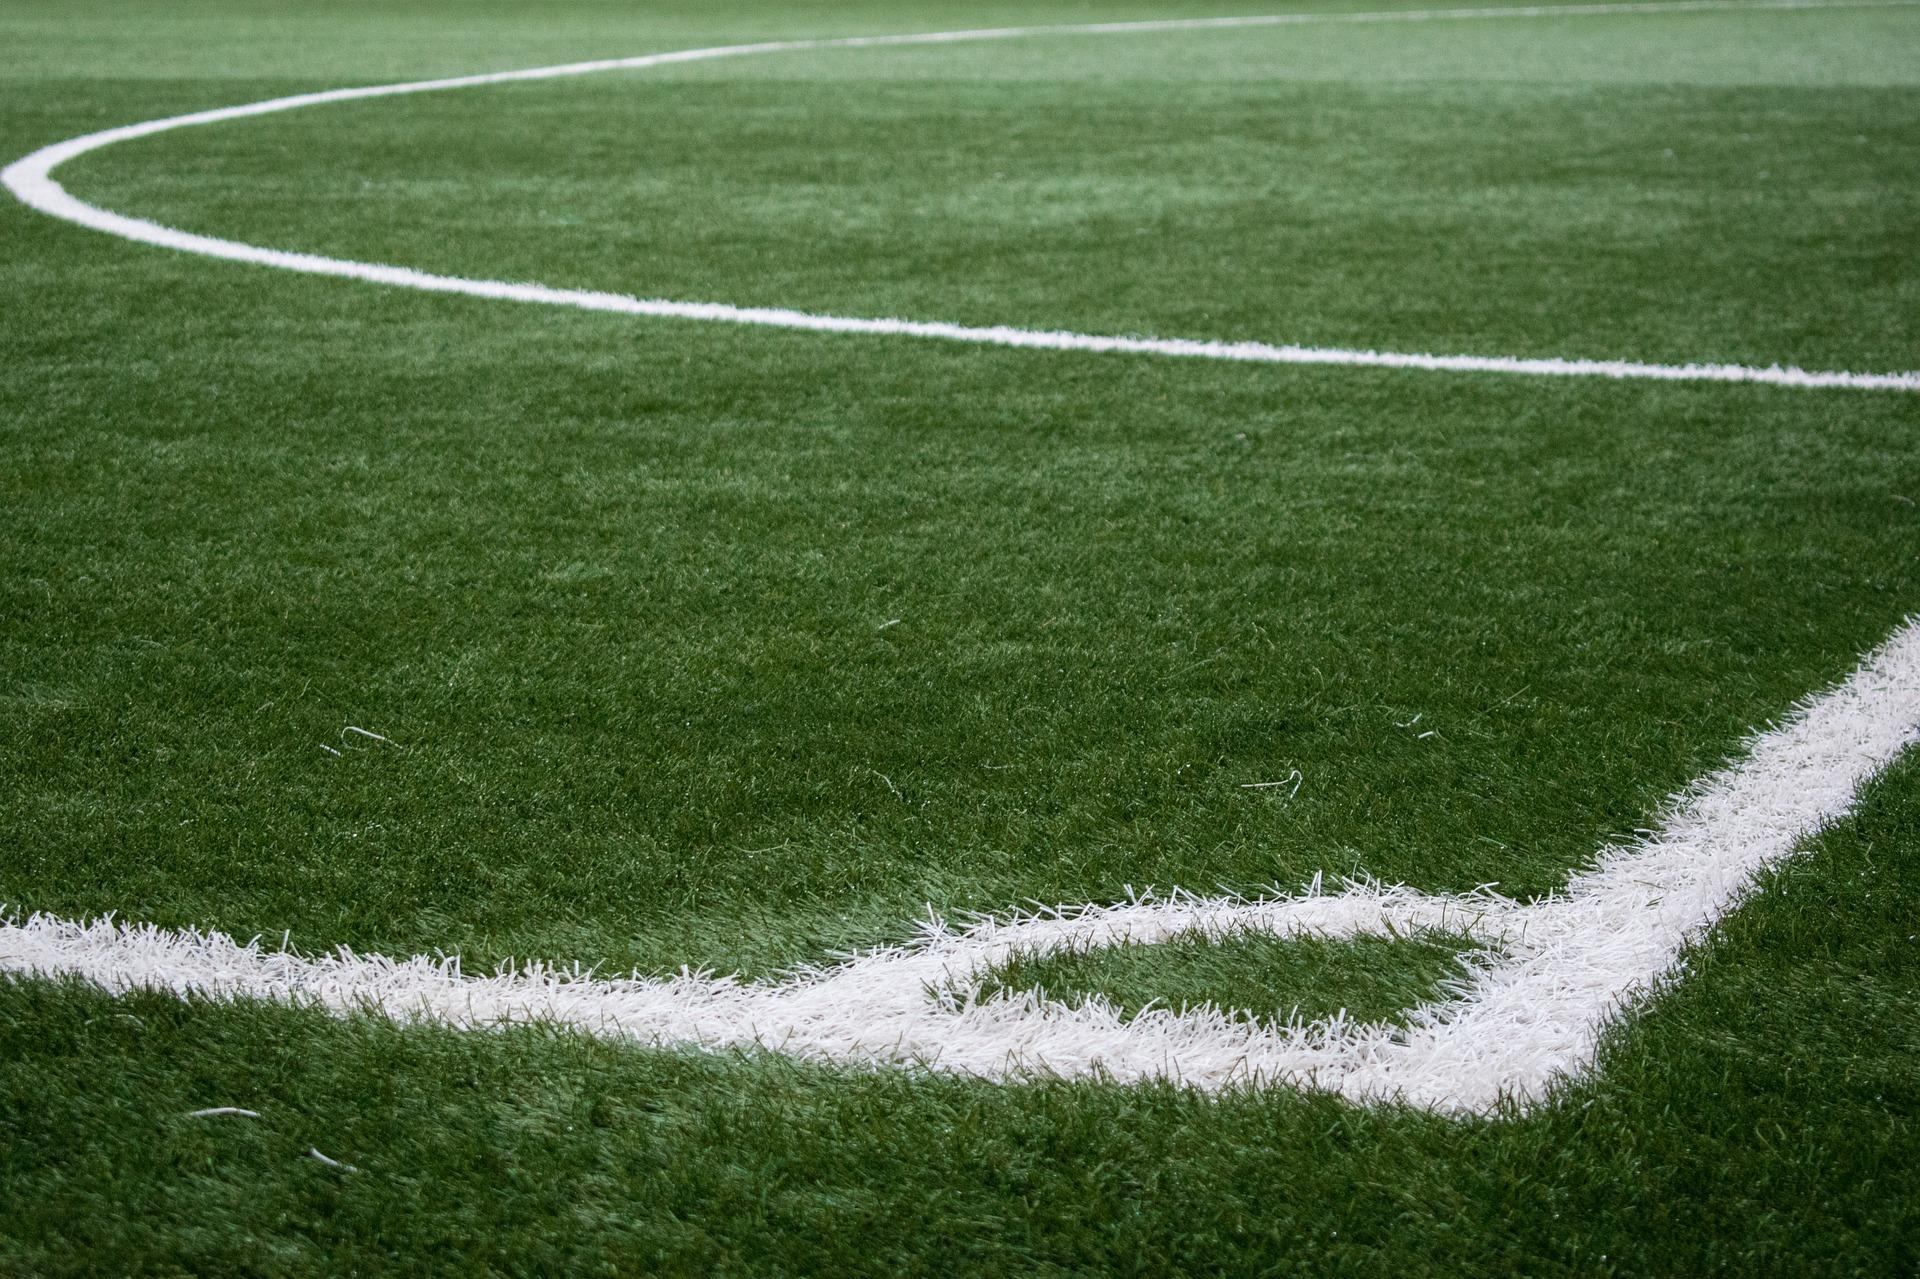 Jong PSV bezorgt Jong Ajax derde nederlaag op rij [video]